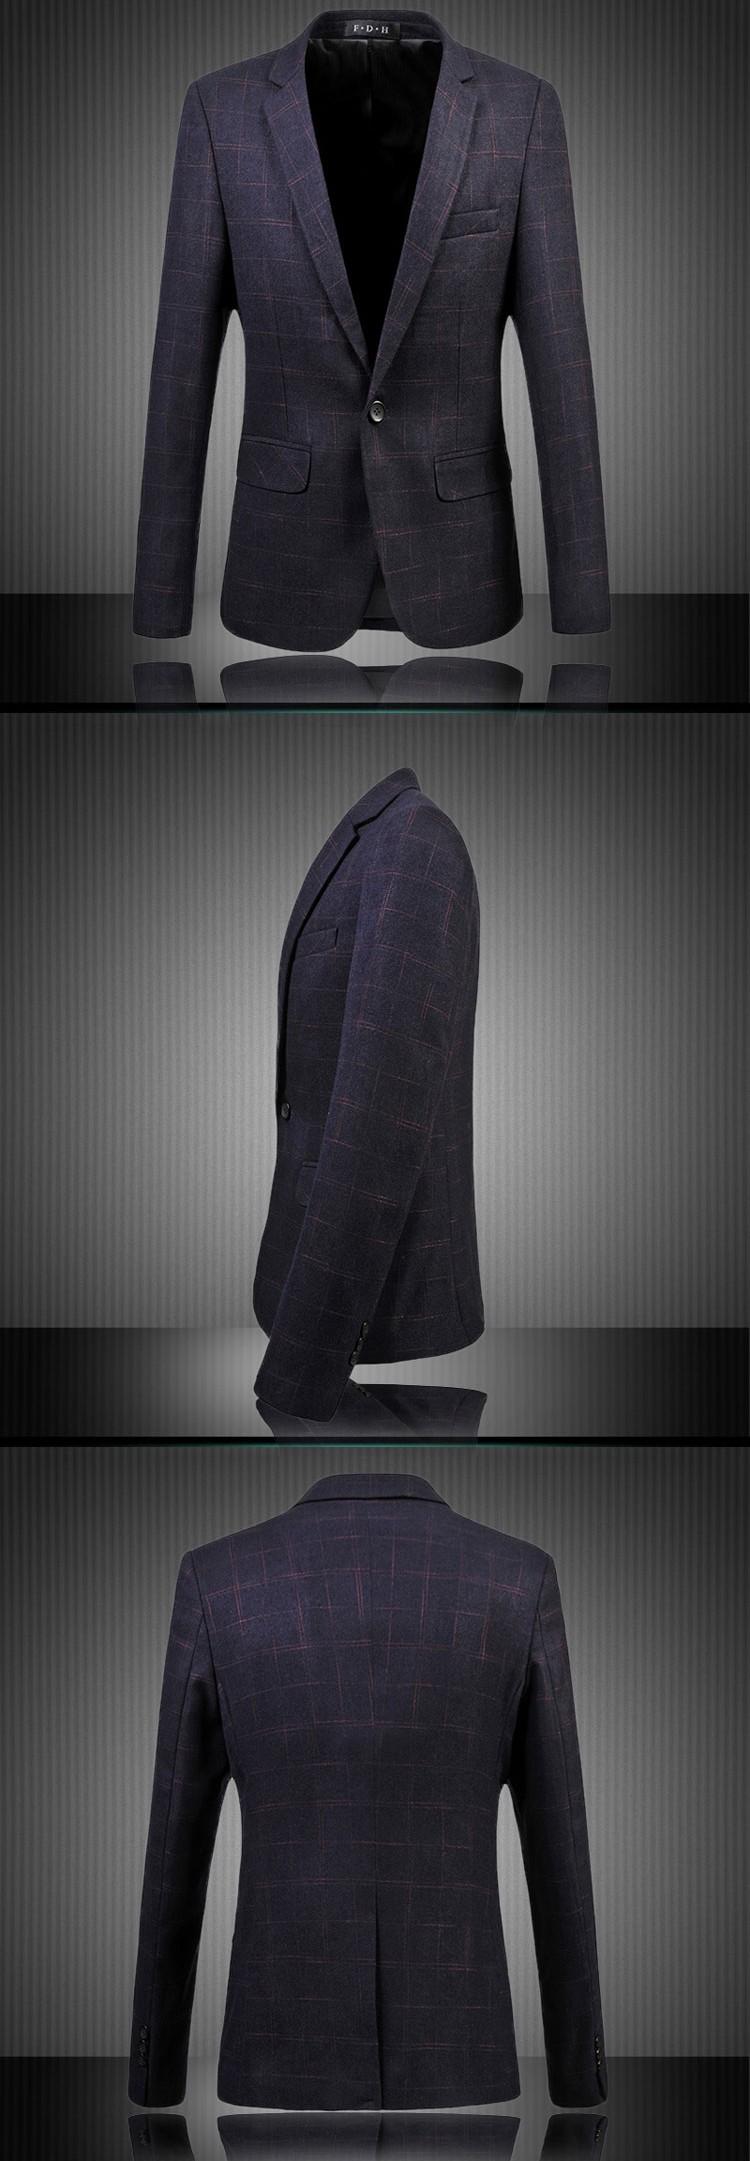 2016 мужчин куртки и пальто мужские свободного покроя мода тонкой Большой размер с длинными рукавами одной кнопки стиль мужчины пиджаки куртки